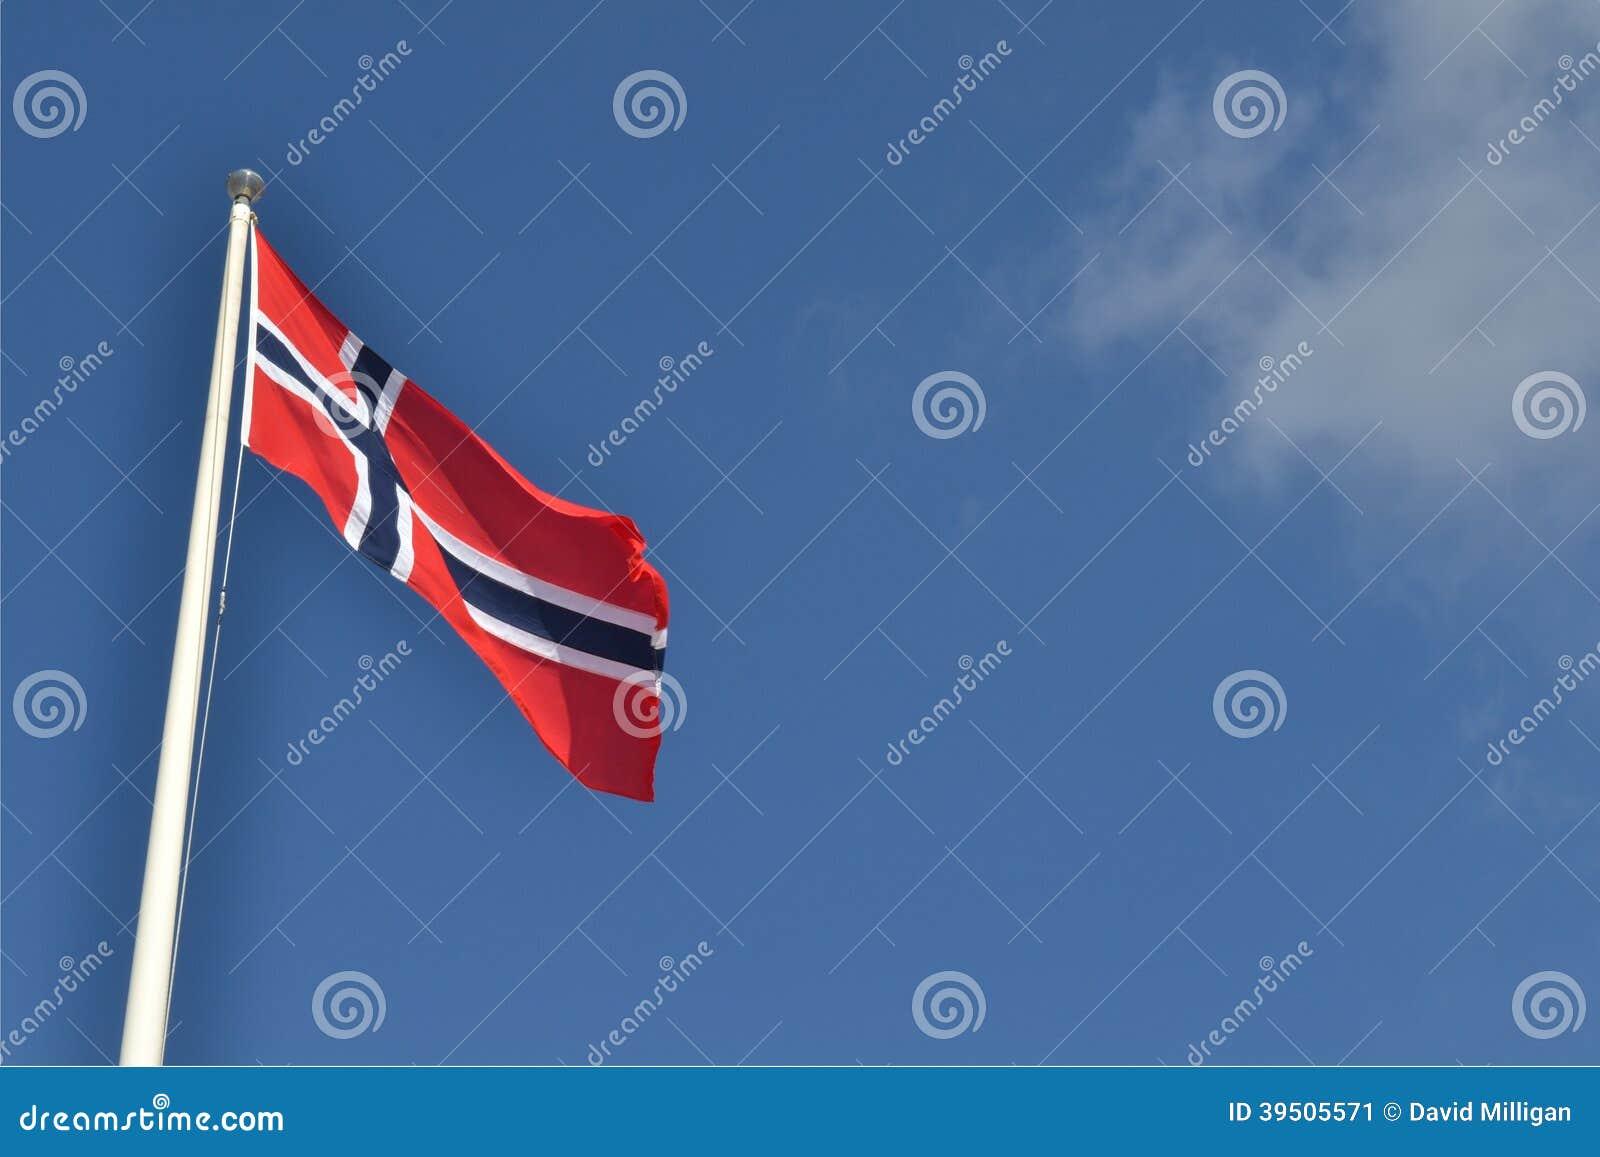 Norwegian flag against blue sky